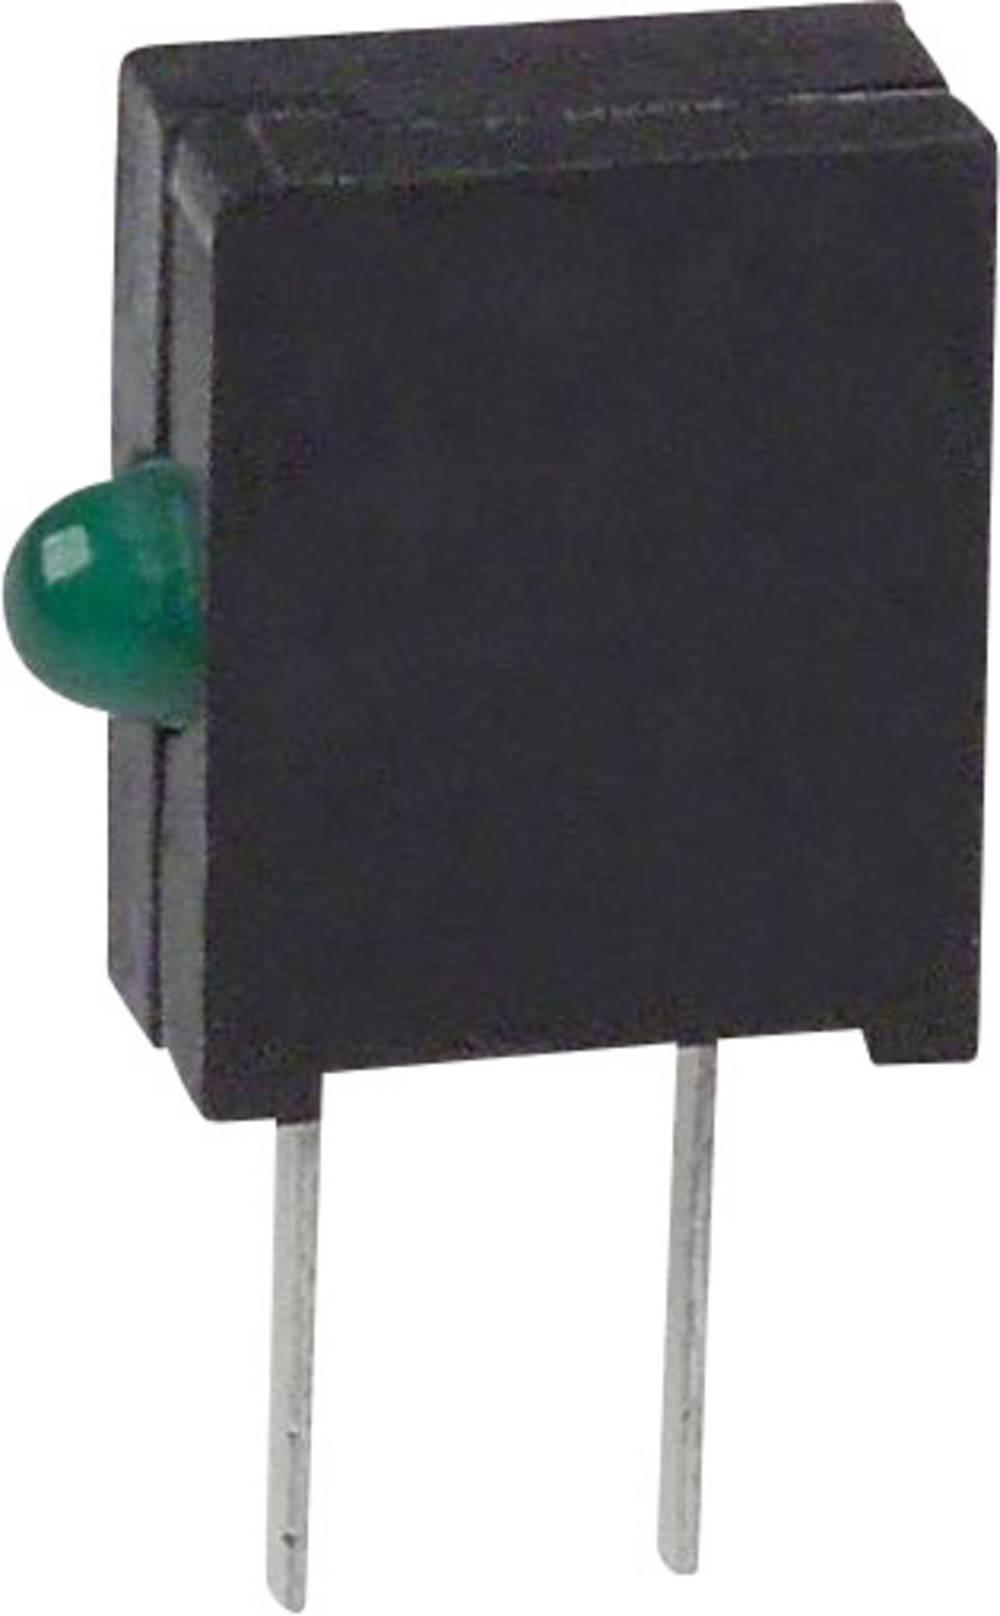 LED-komponent Dialight (L x B x H) 10.03 x 6.22 x 2.54 mm Grøn